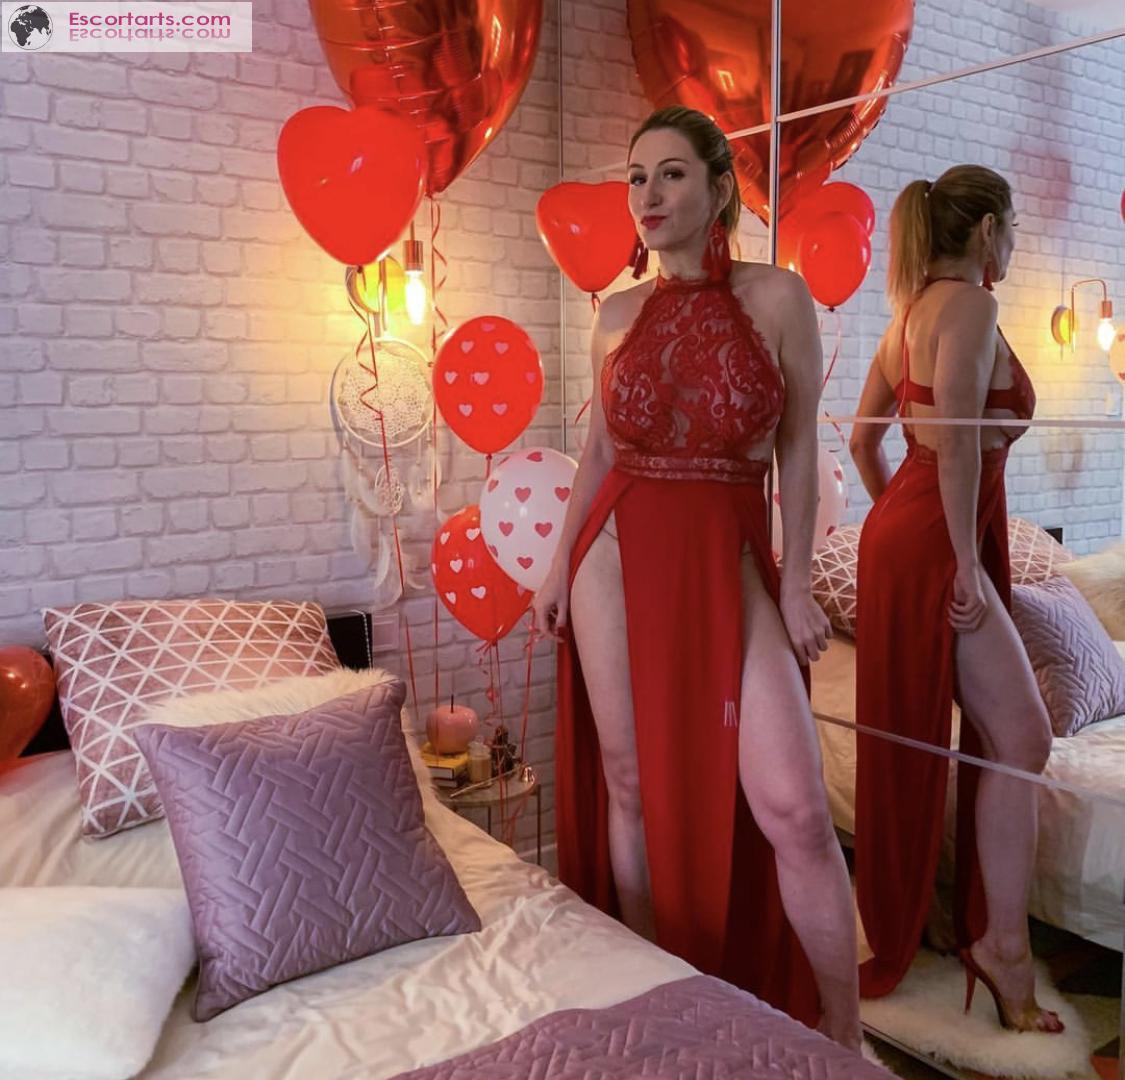 Girls Escort Paris - Rencontres coquines lendemain